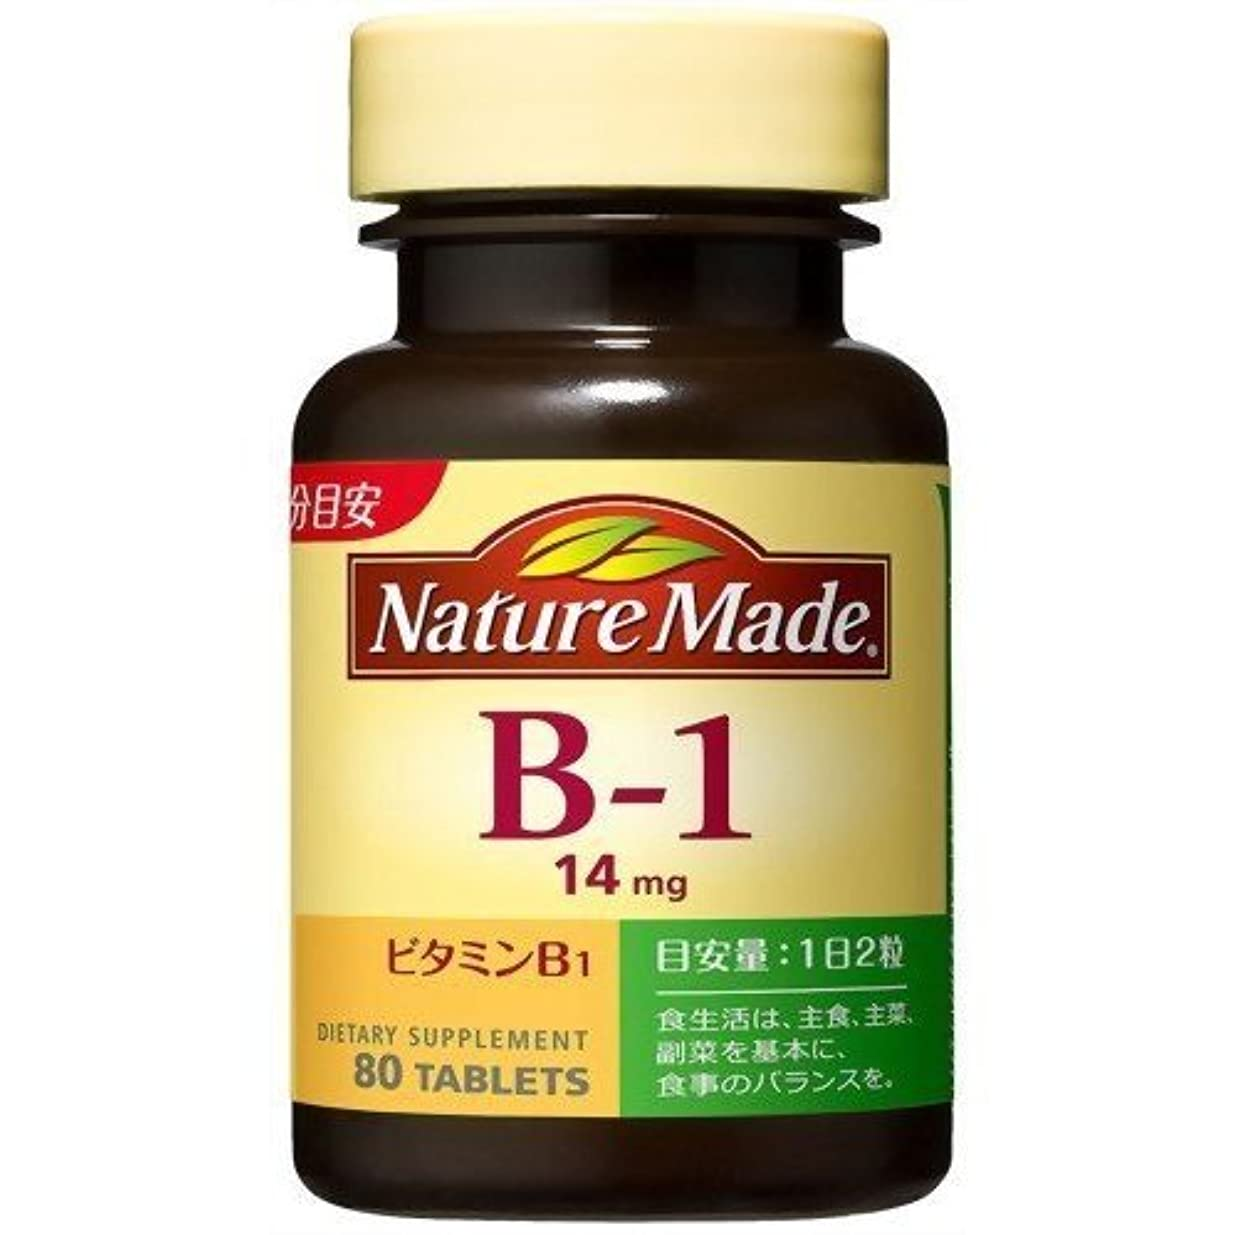 一生説明的透過性大塚製薬 ネイチャーメイド B-1 80錠